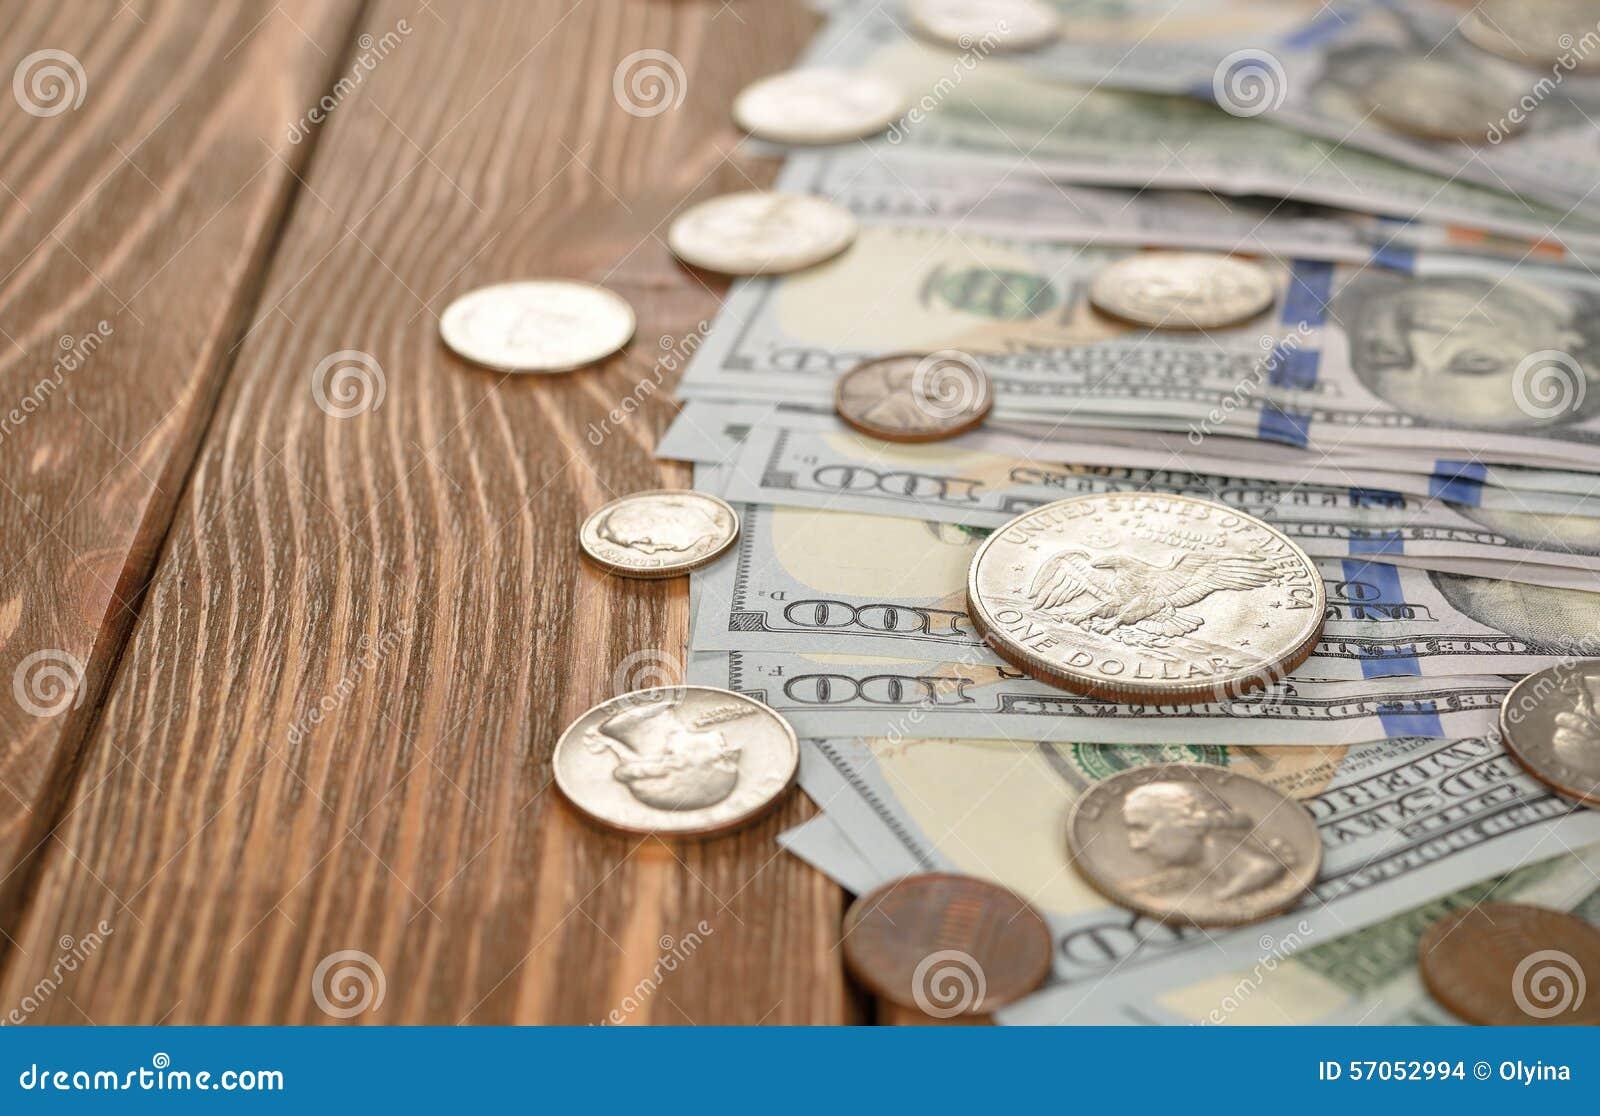 Divers van muntstukken en bankbiljetten